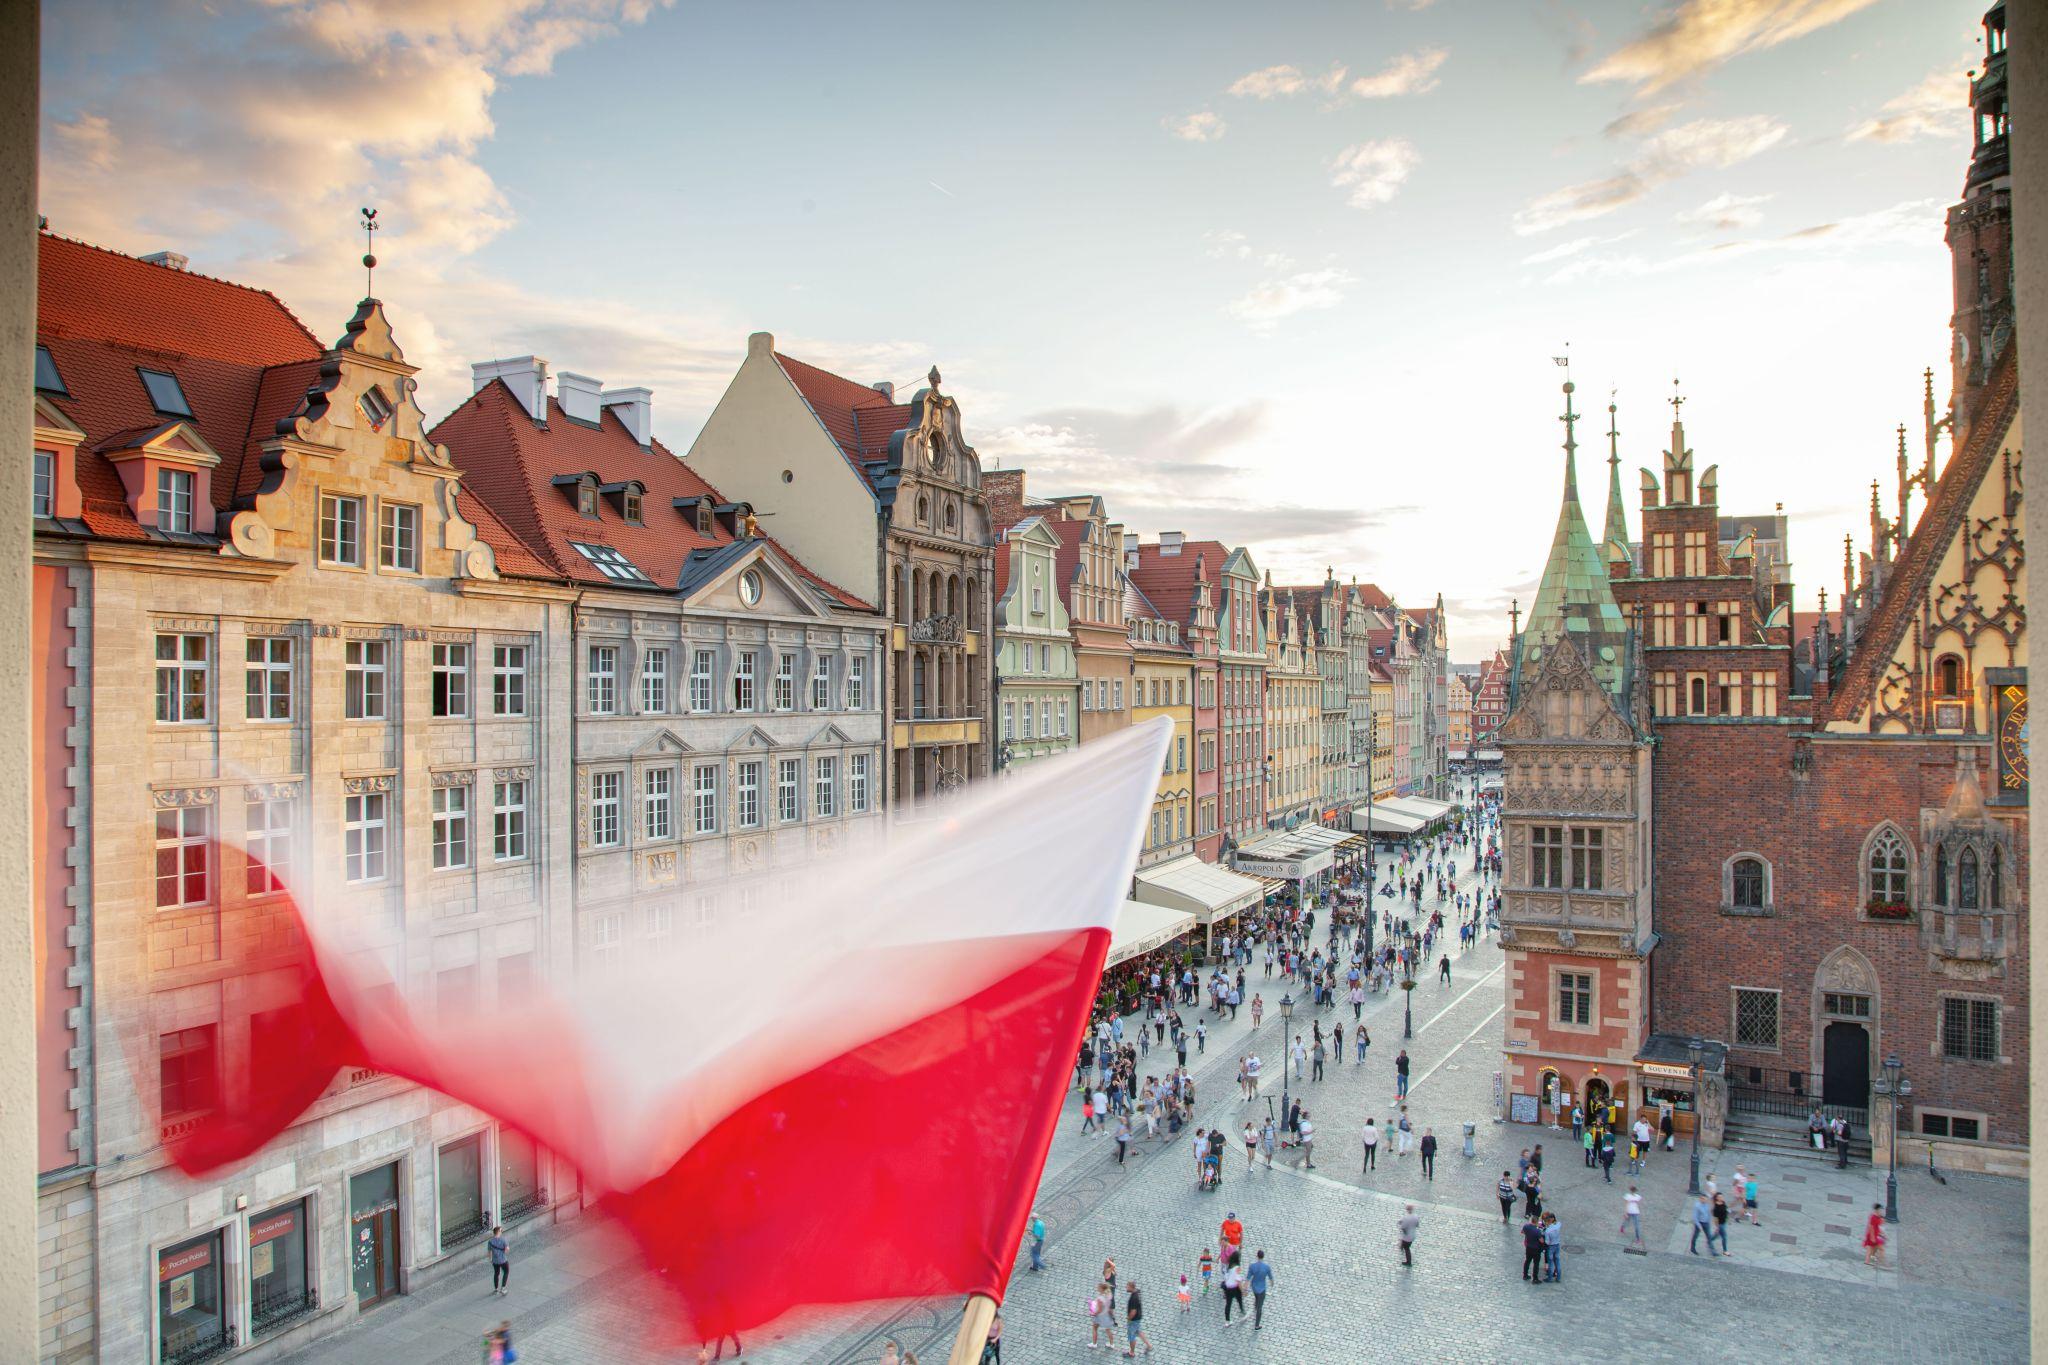 Wrocław, Poland, Poland